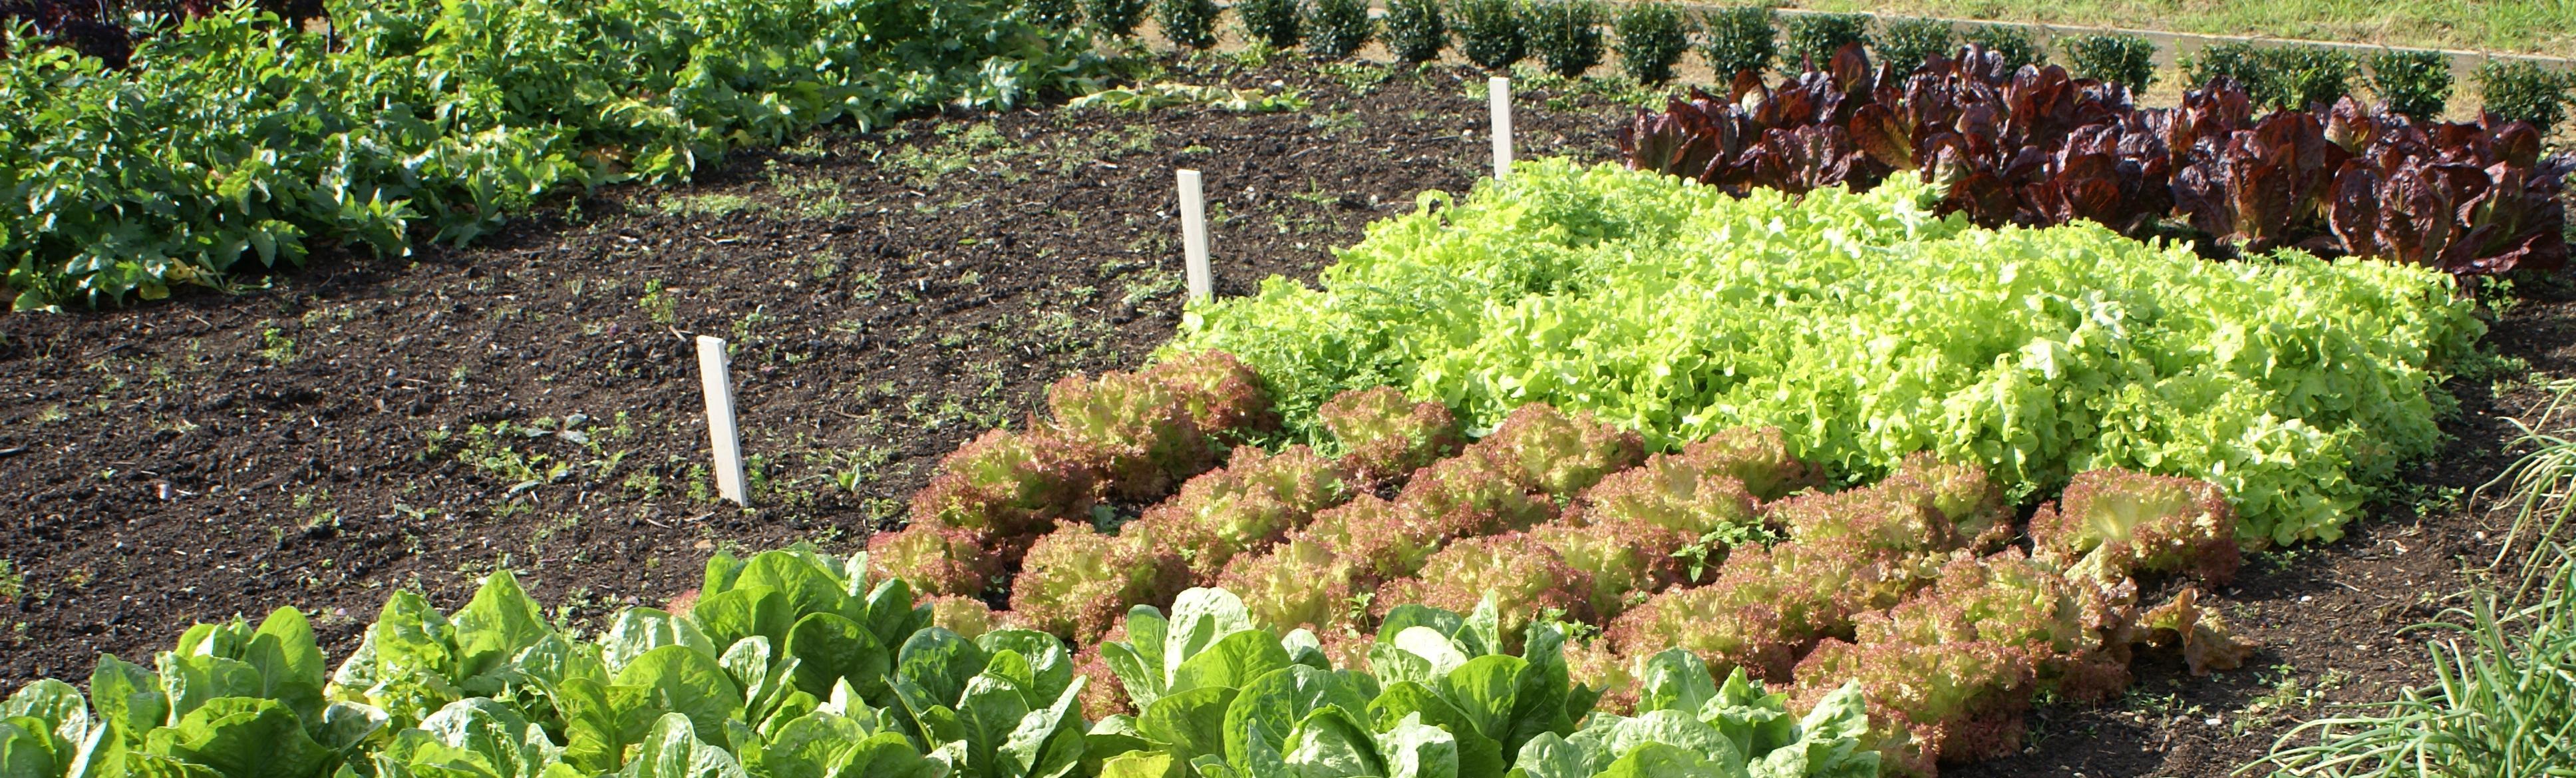 Hoe maak ik een natuurlijke moestuin natuurpunt - Maak een eigentijdse tuin aan ...